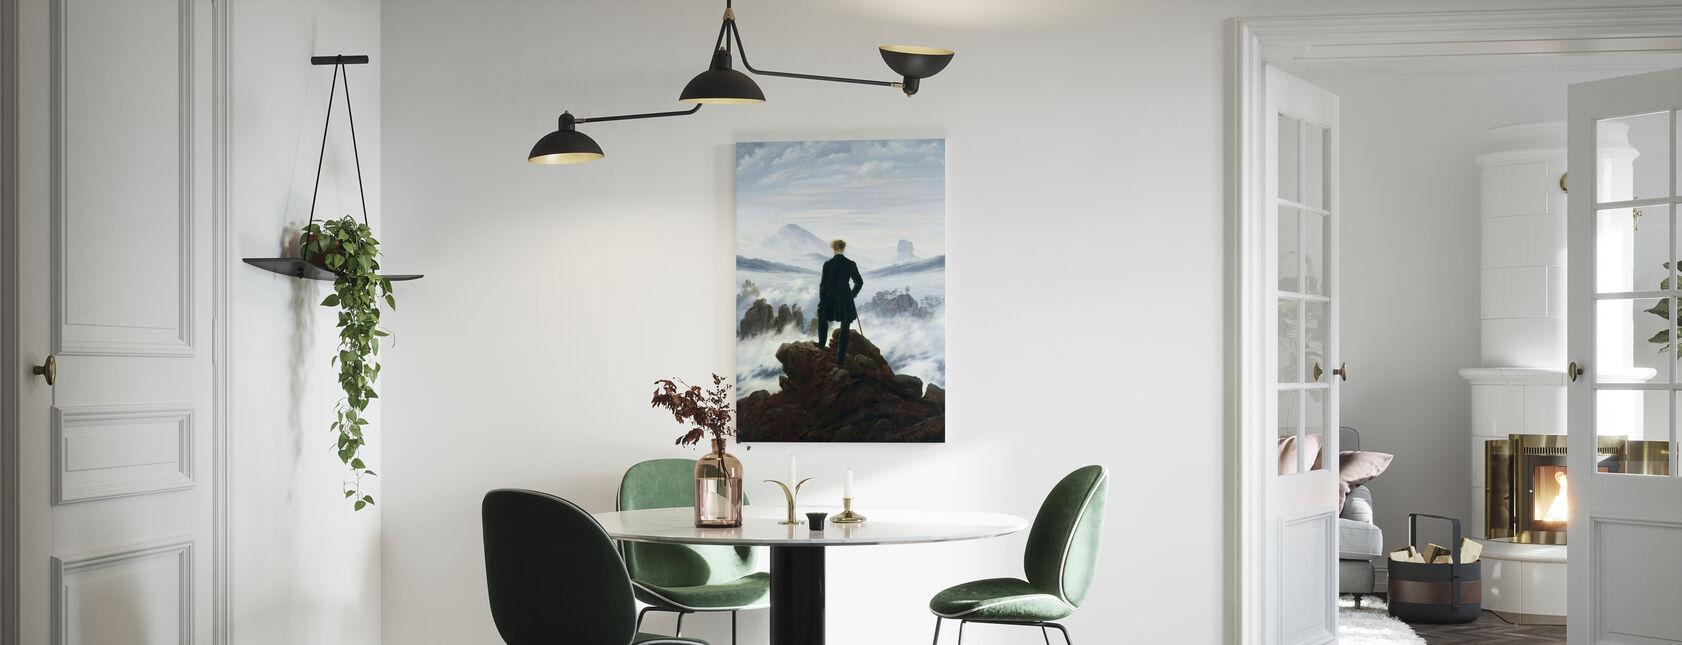 Vandrer over Tågehavet - Caspar Friedrich - Billede på lærred - Køkken